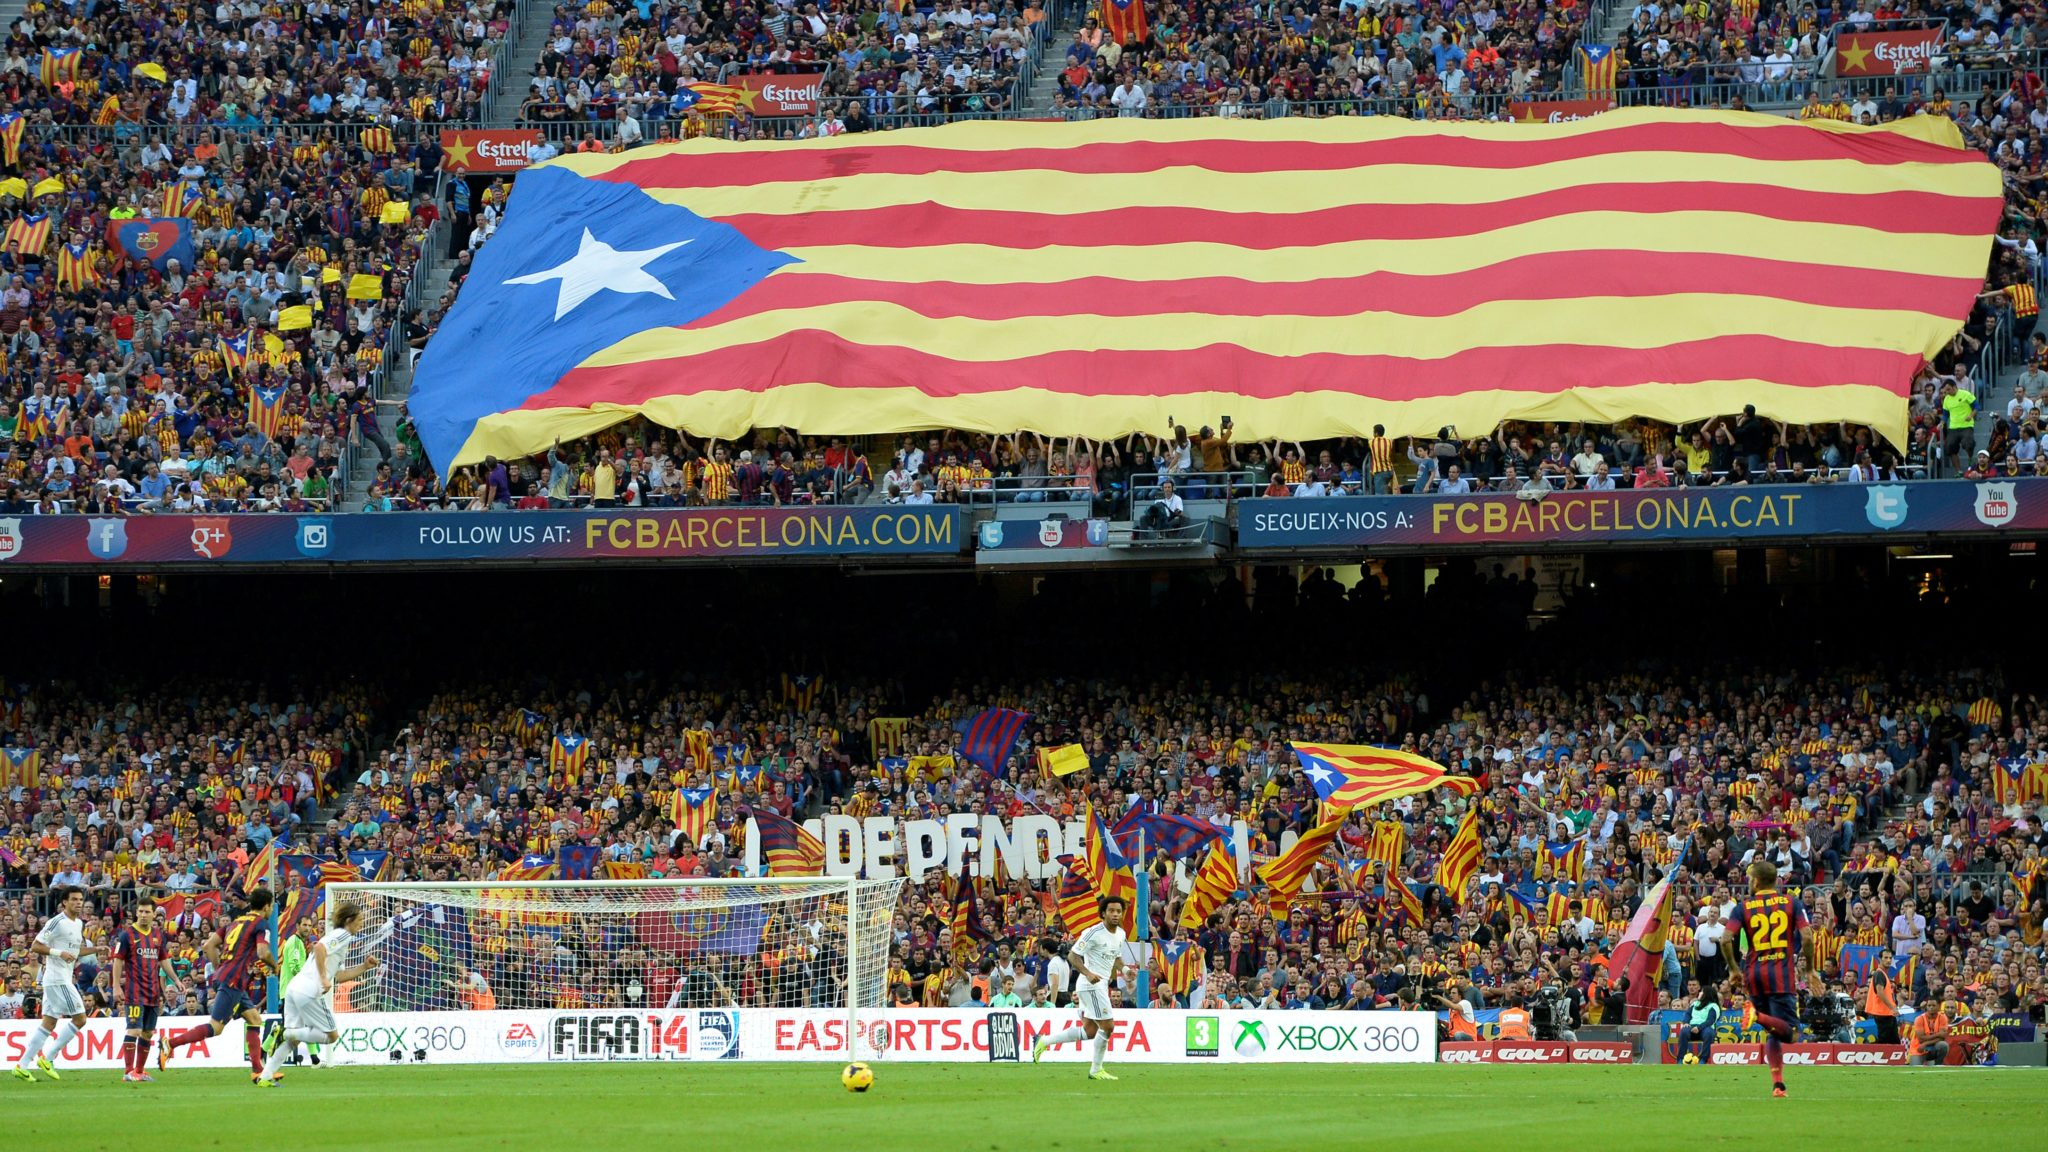 Barcelona, Catalunha, Independência: a mistura entre futebol e política